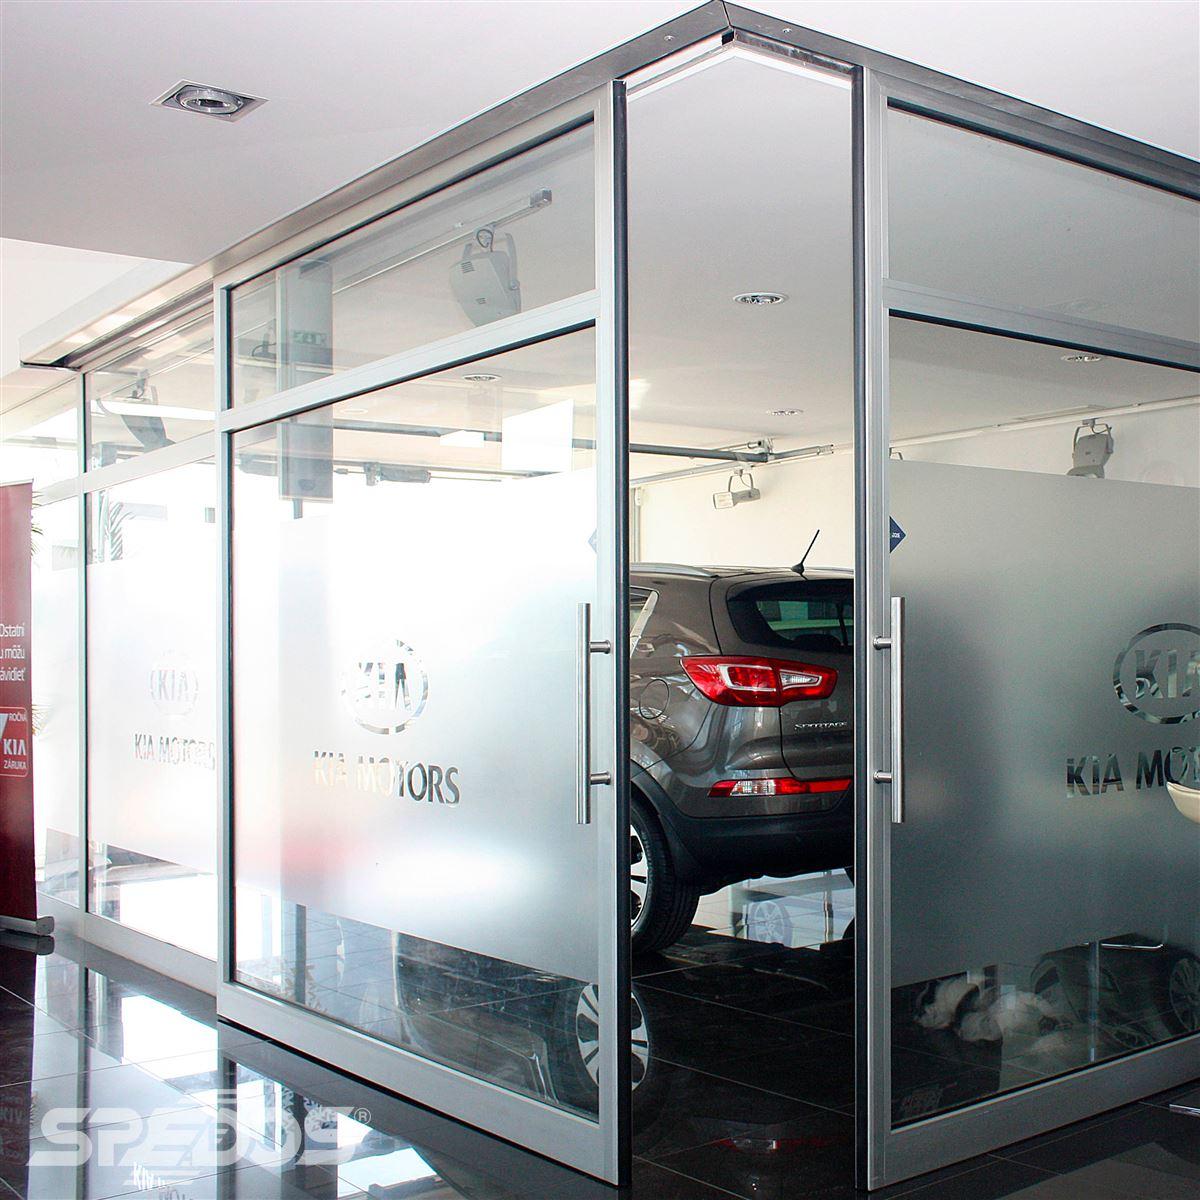 Dvoukřídlé automatické posuvné dveře v autosalonu